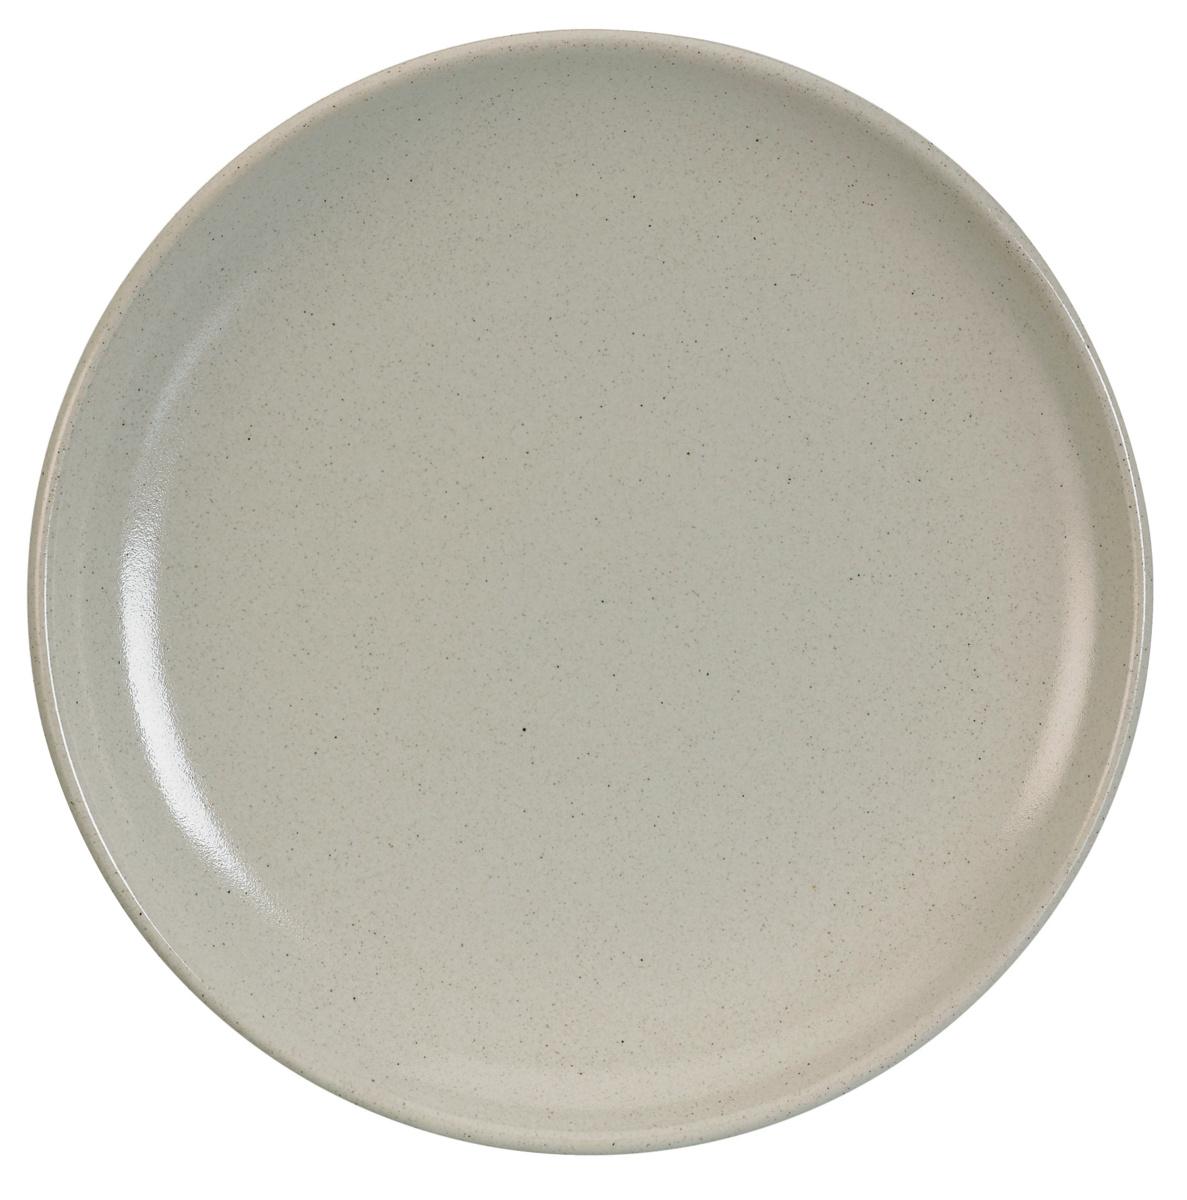 Assiette plate ronde écru grès Ø 27 cm Gres Couleur Pro.mundi